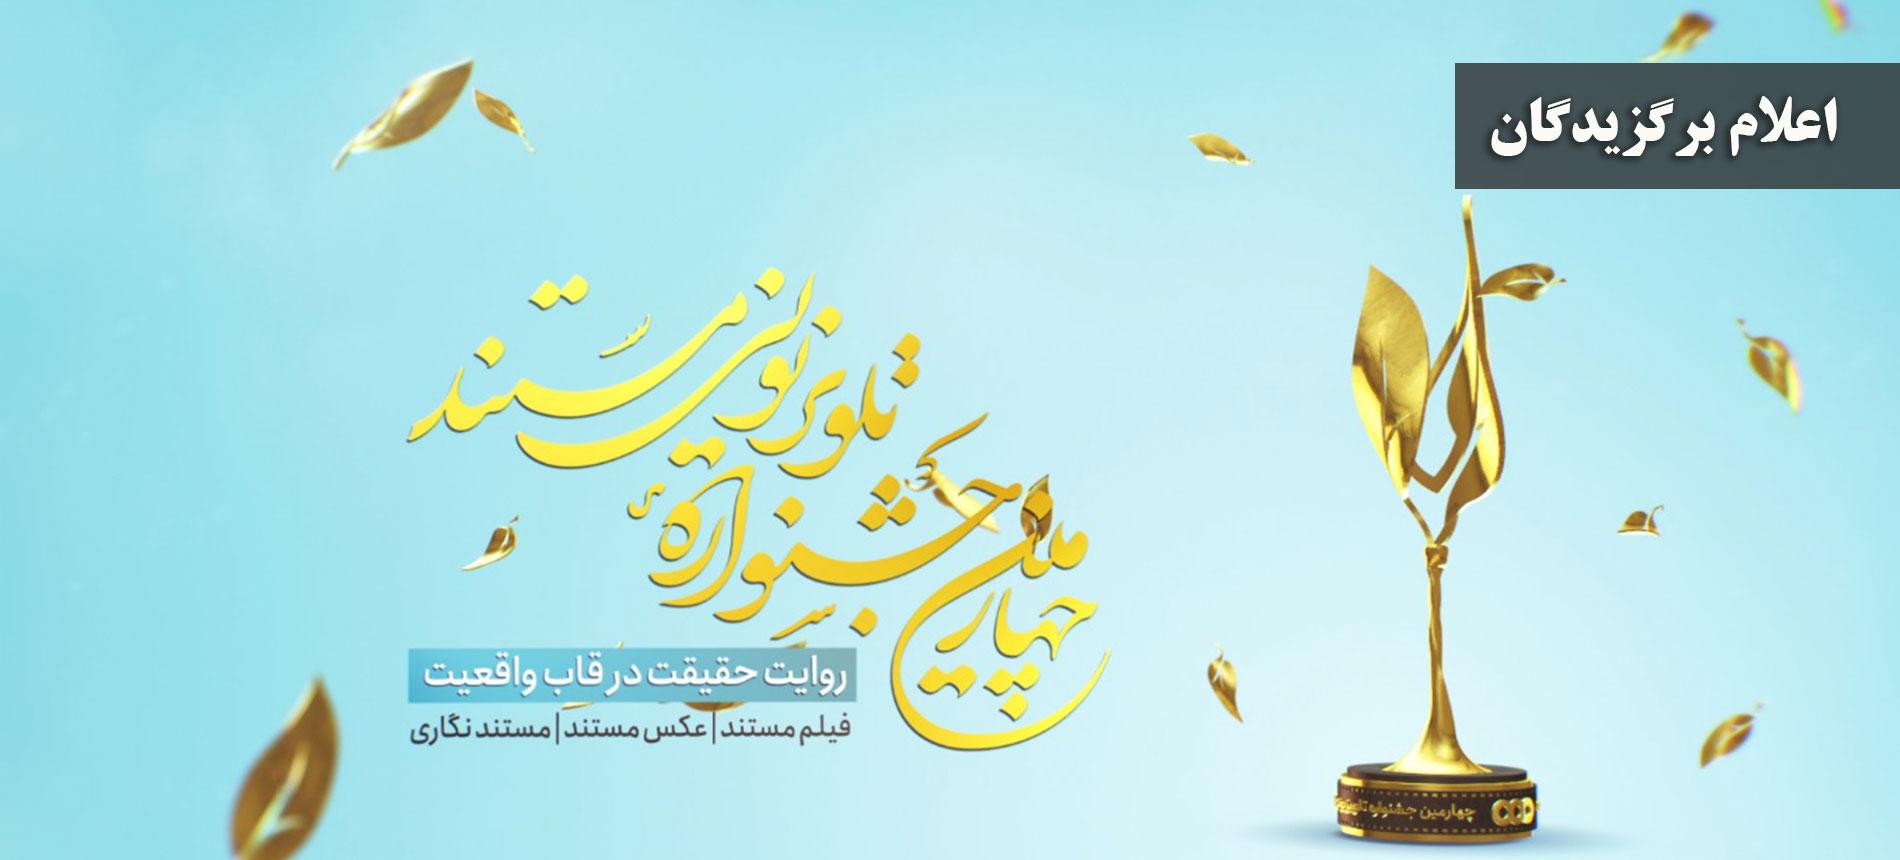 برگزیدگان چهارمین جشنواره تلویزیونی مستند